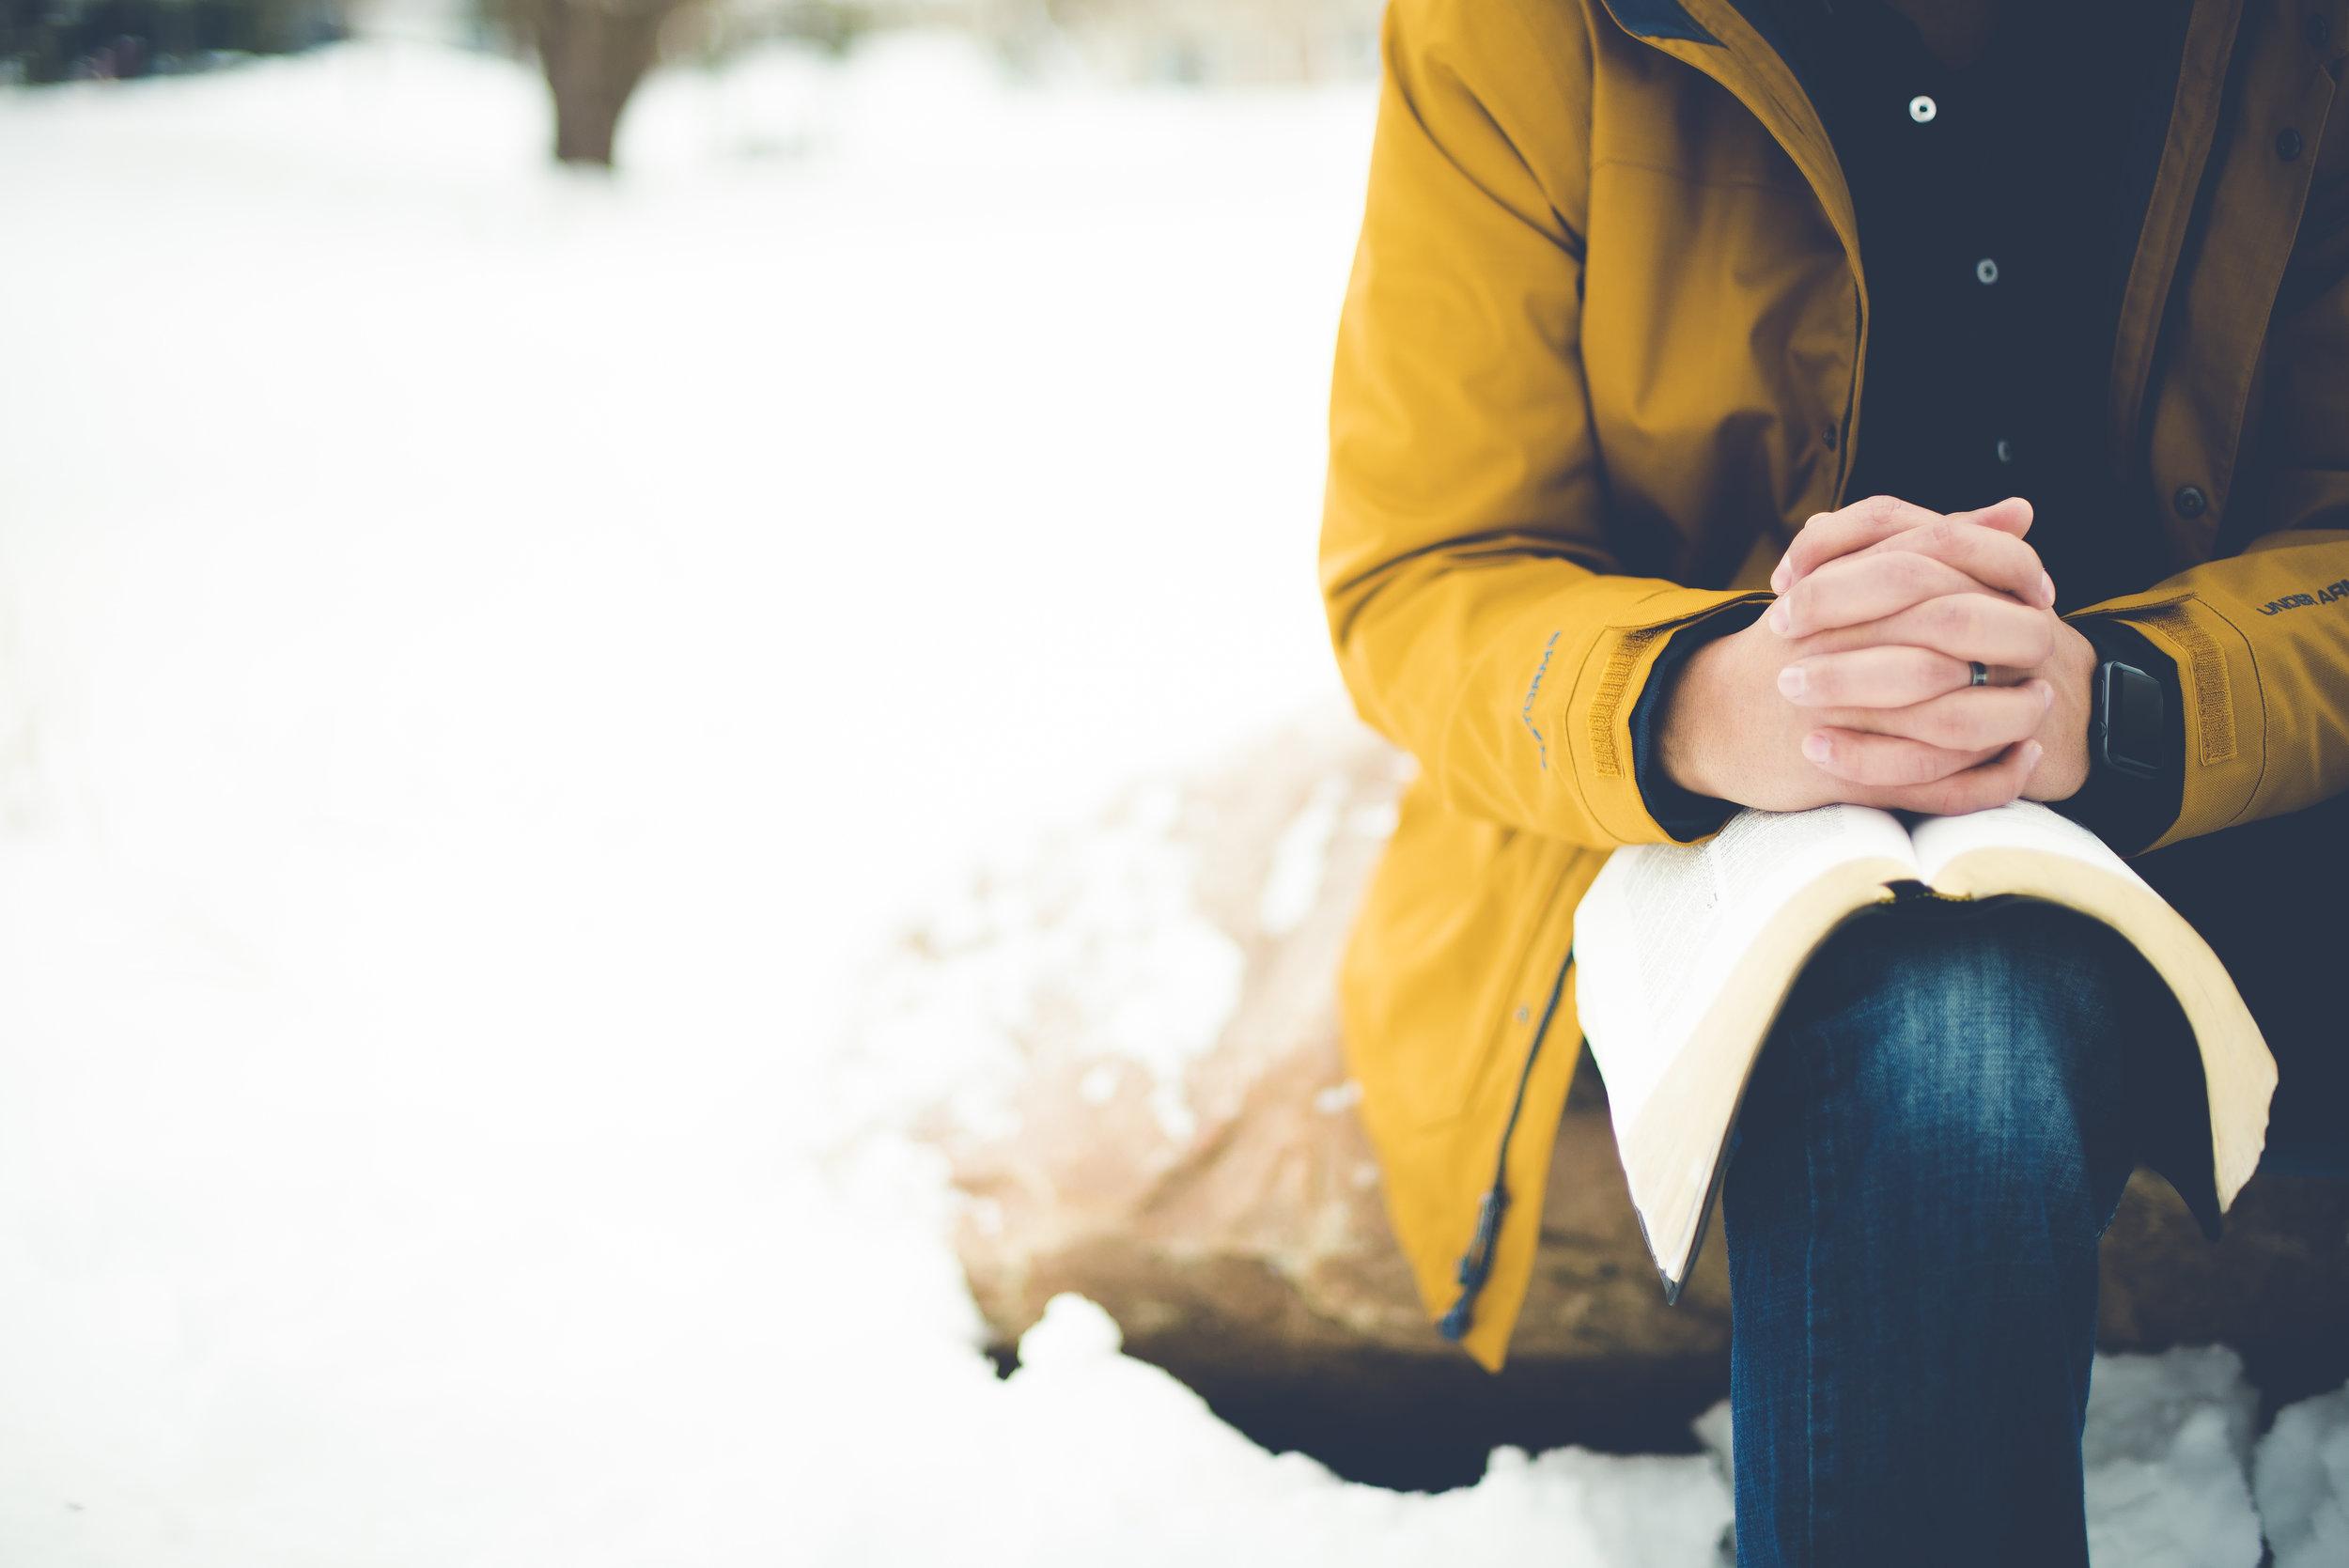 Encounter - Prayer & Mass Attendance